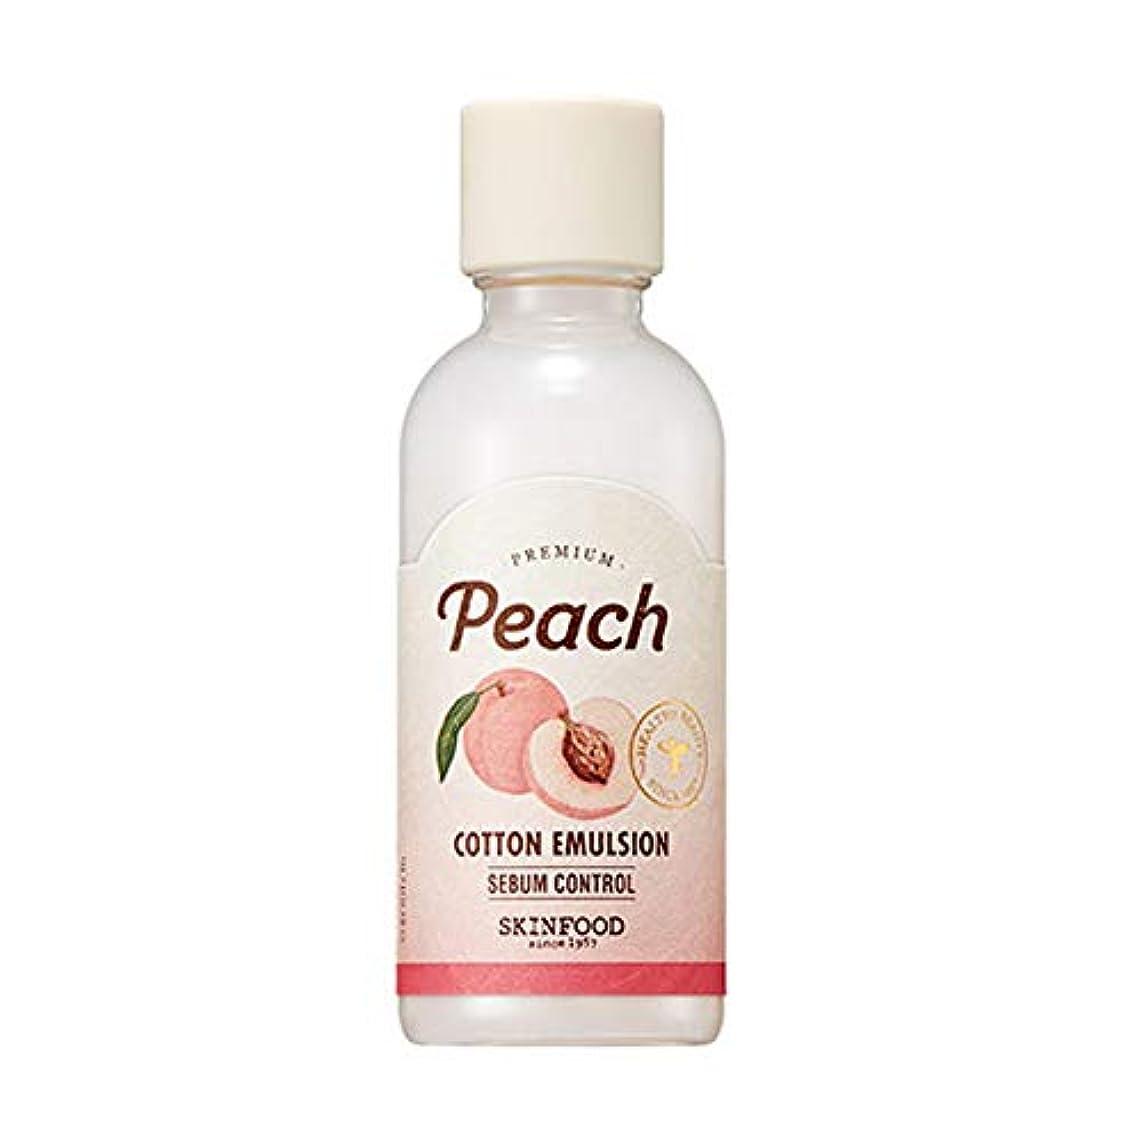 ファントム継続中に応じてSkinfood プレミアムピーチコットンエマルジョン/Premium Peach Cotton Emulsion 160ml [並行輸入品]